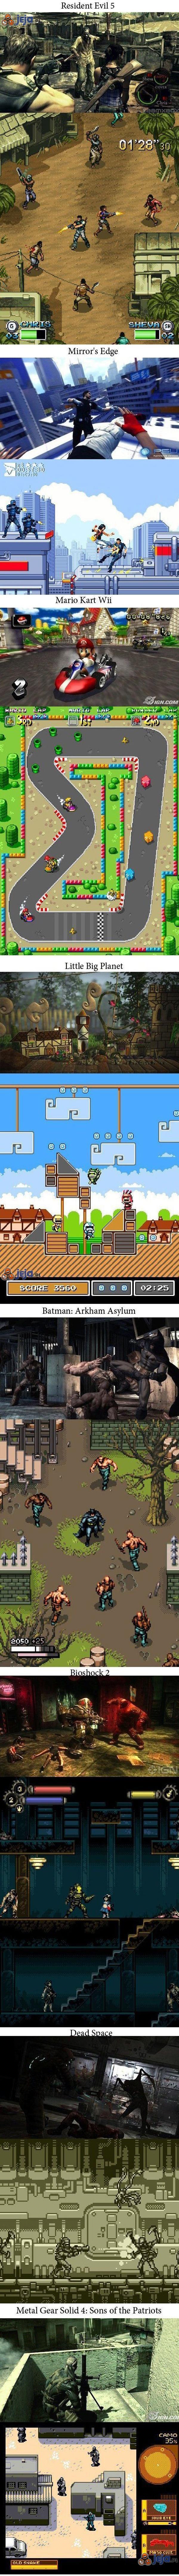 Gdyby współczesne gry były zrobione w starym stylu